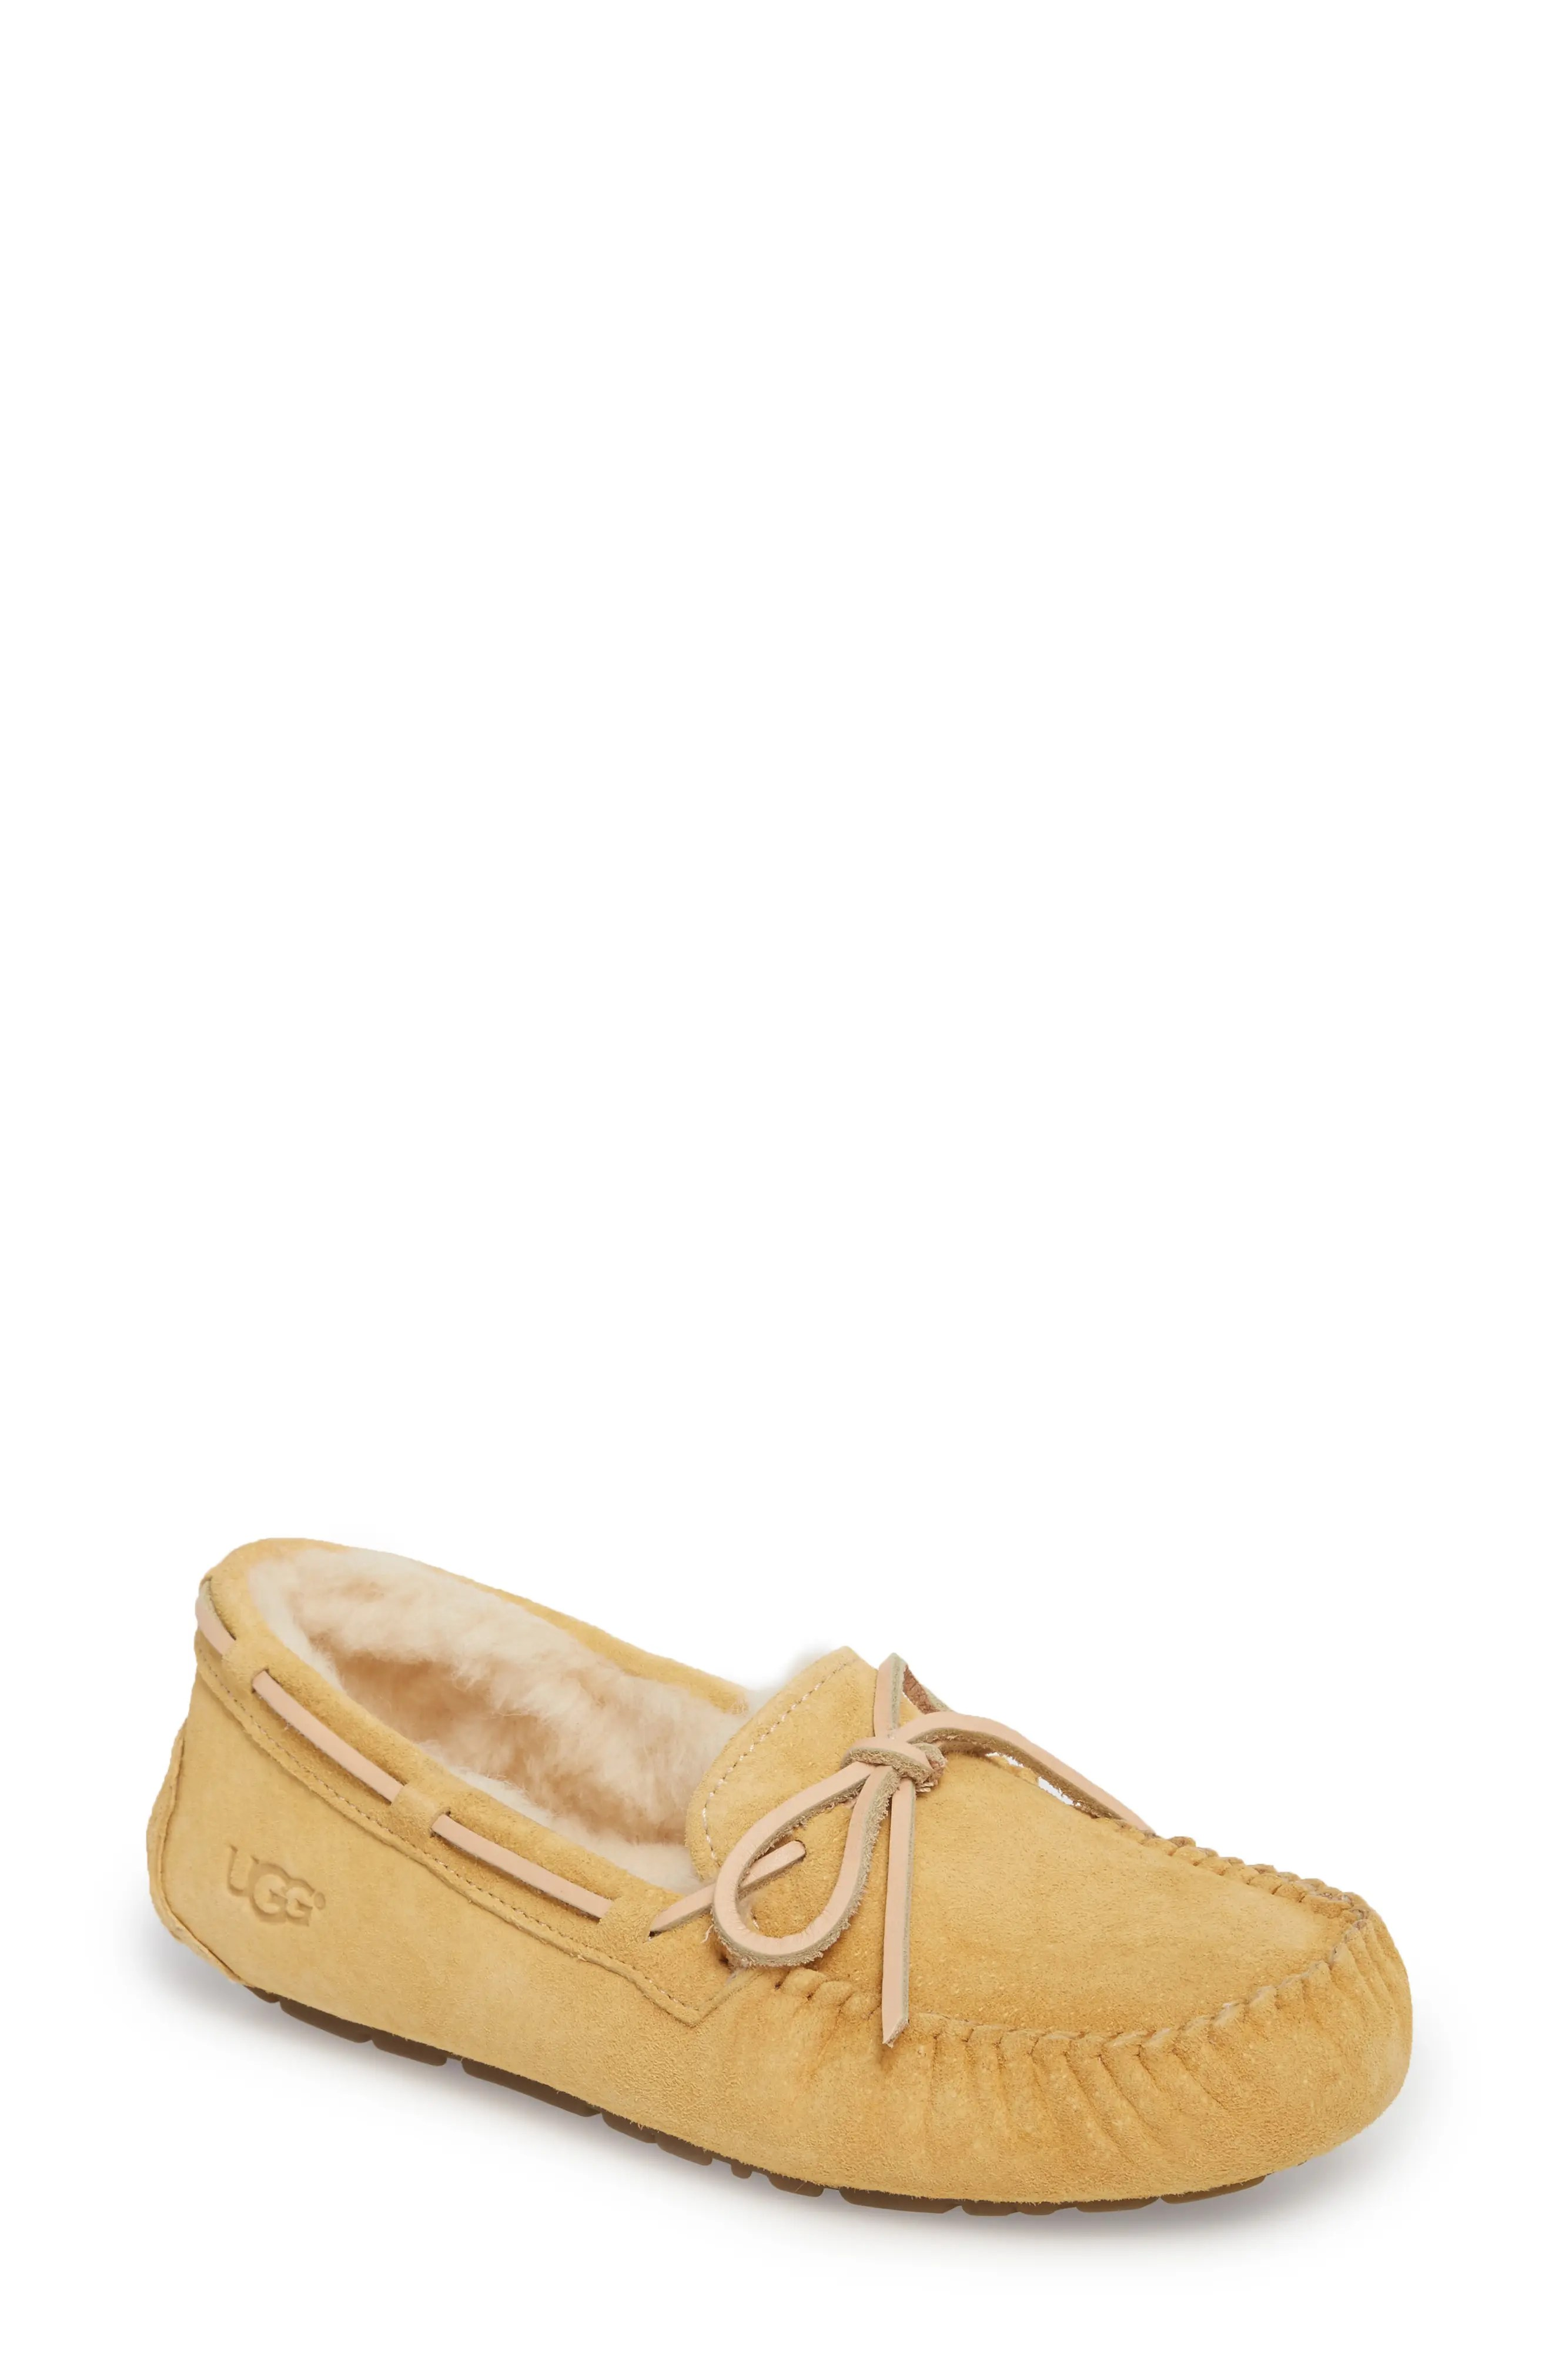 ugg® slippers for women | nordstrom